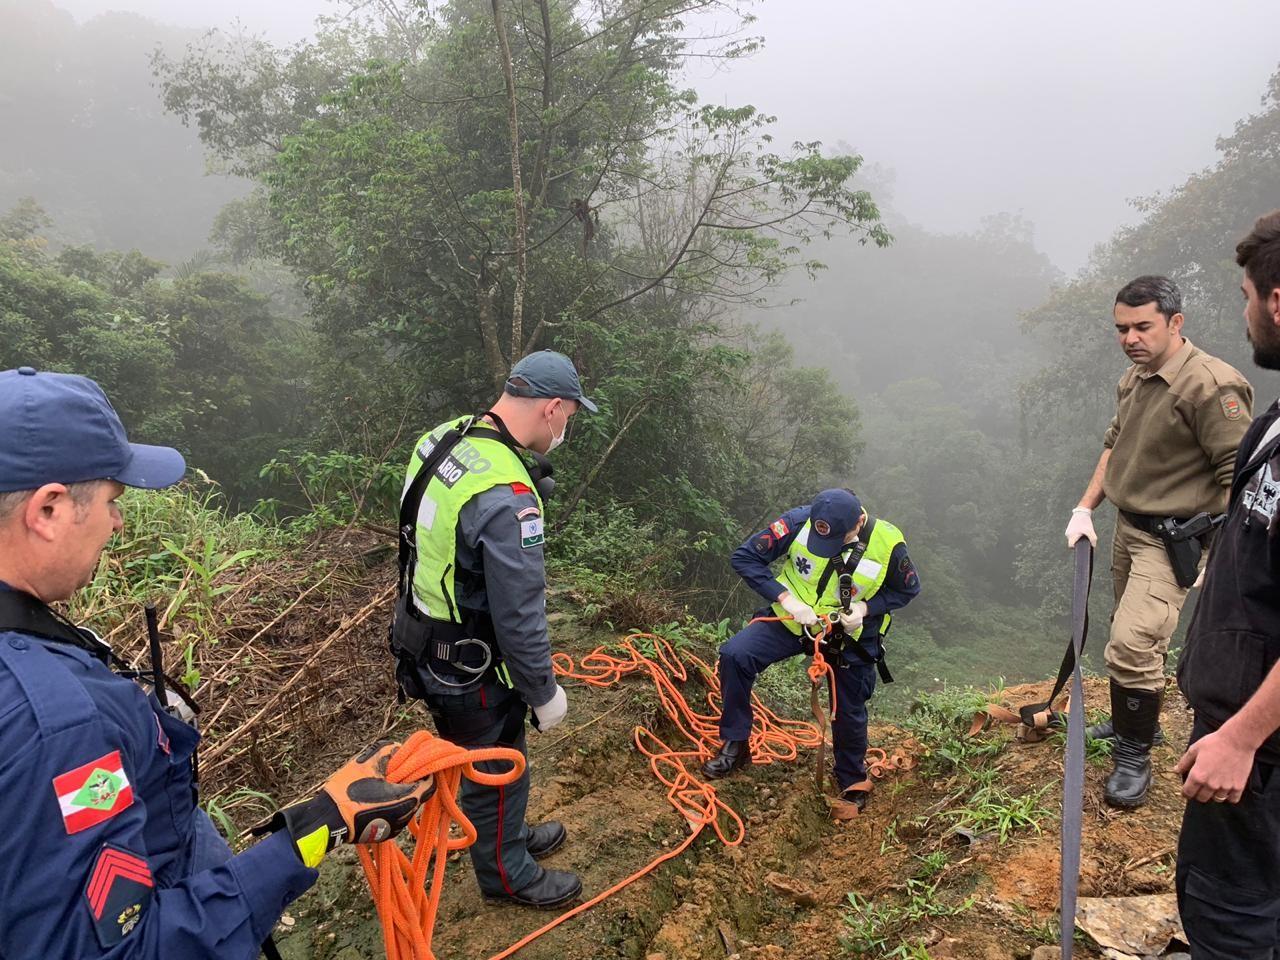 'Acredito que a gente renasceu', diz motorista que sobreviveu a acidente na Serra Dona Francisca - Notícias - Plantão Diário